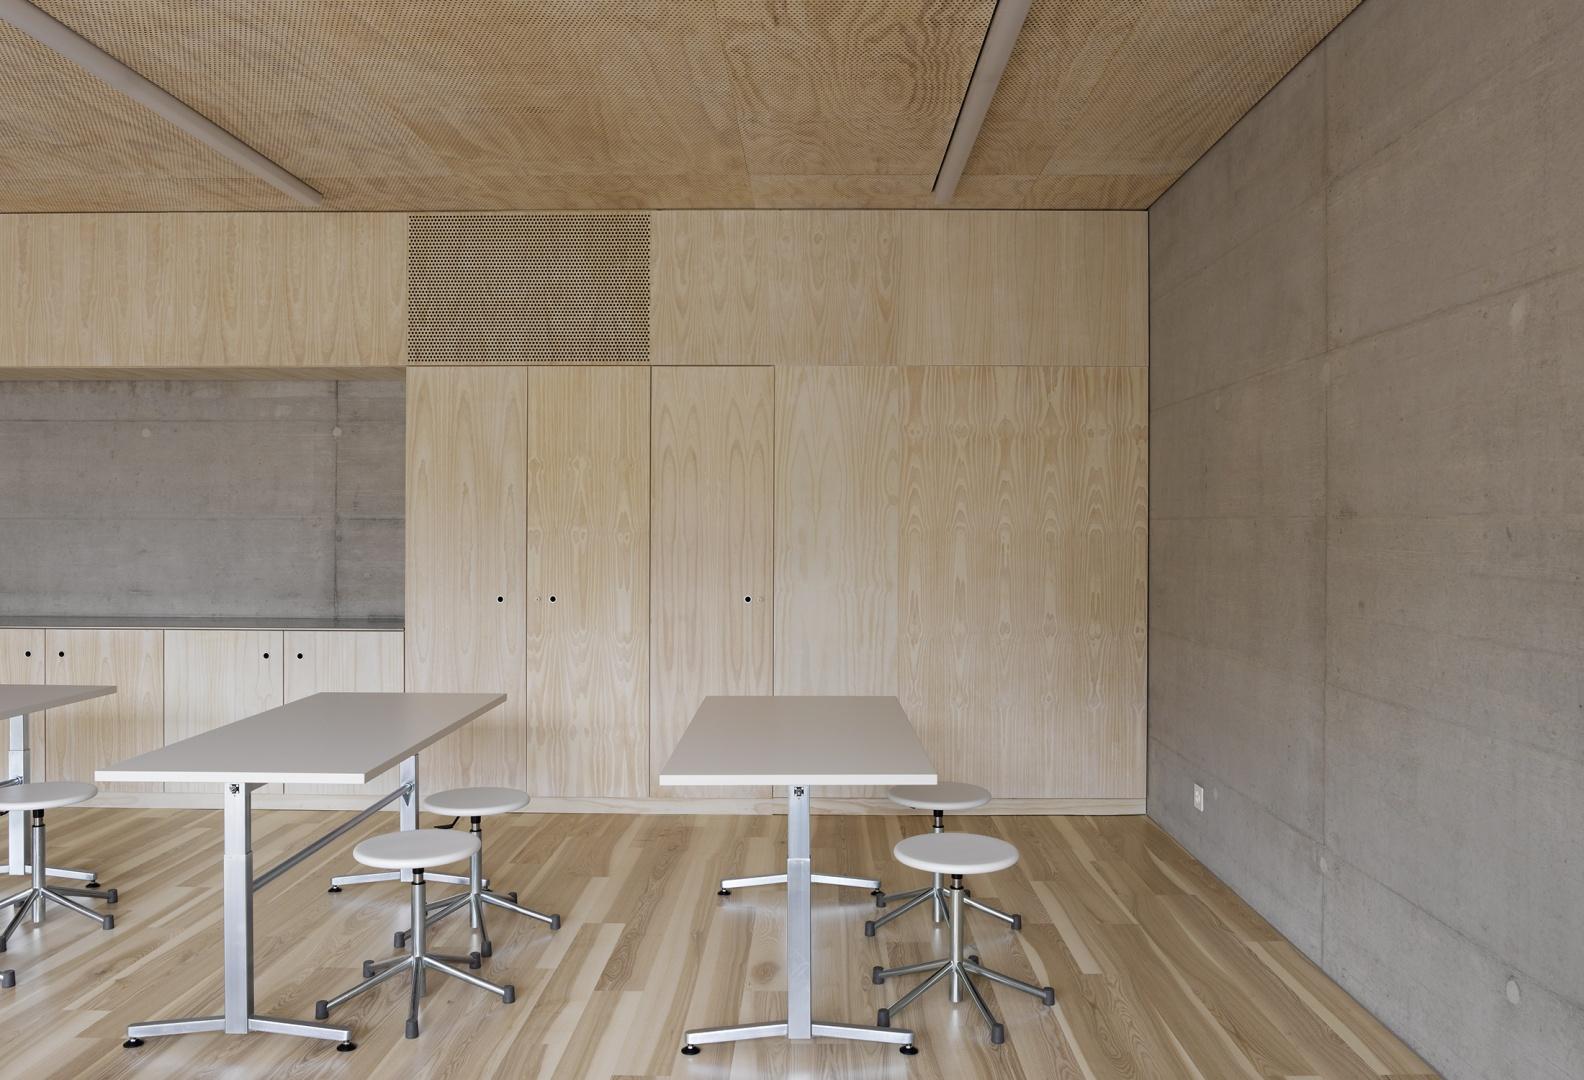 Classe bricolage © foto: Dominique Uldry, Bern